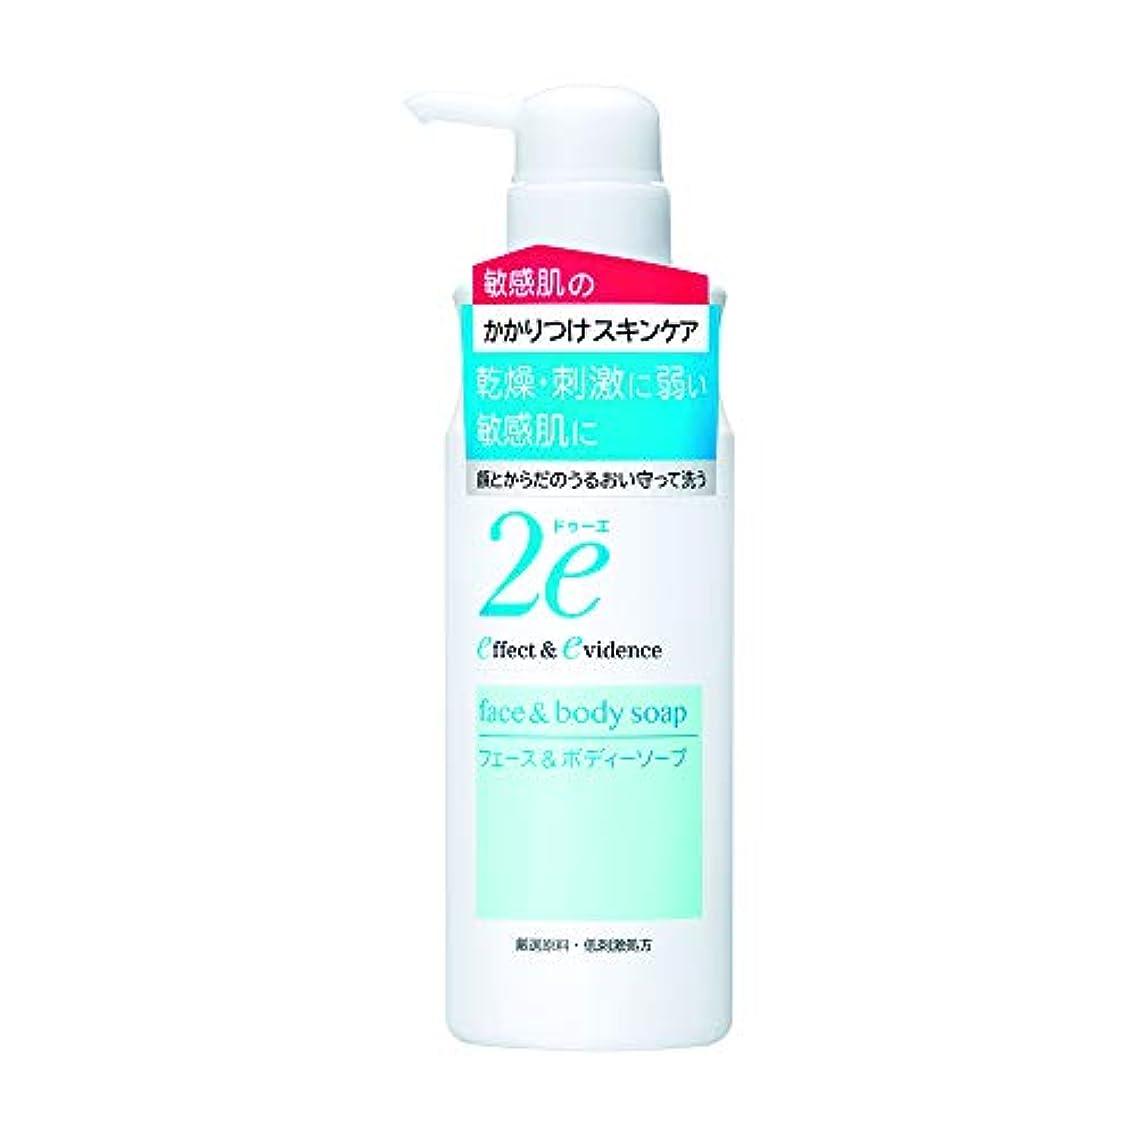 奴隷形式ジョイント2e(ドゥーエ) フェース&ボディーソープ 敏感肌用洗浄料 低刺激処方 420ml ボディソープ